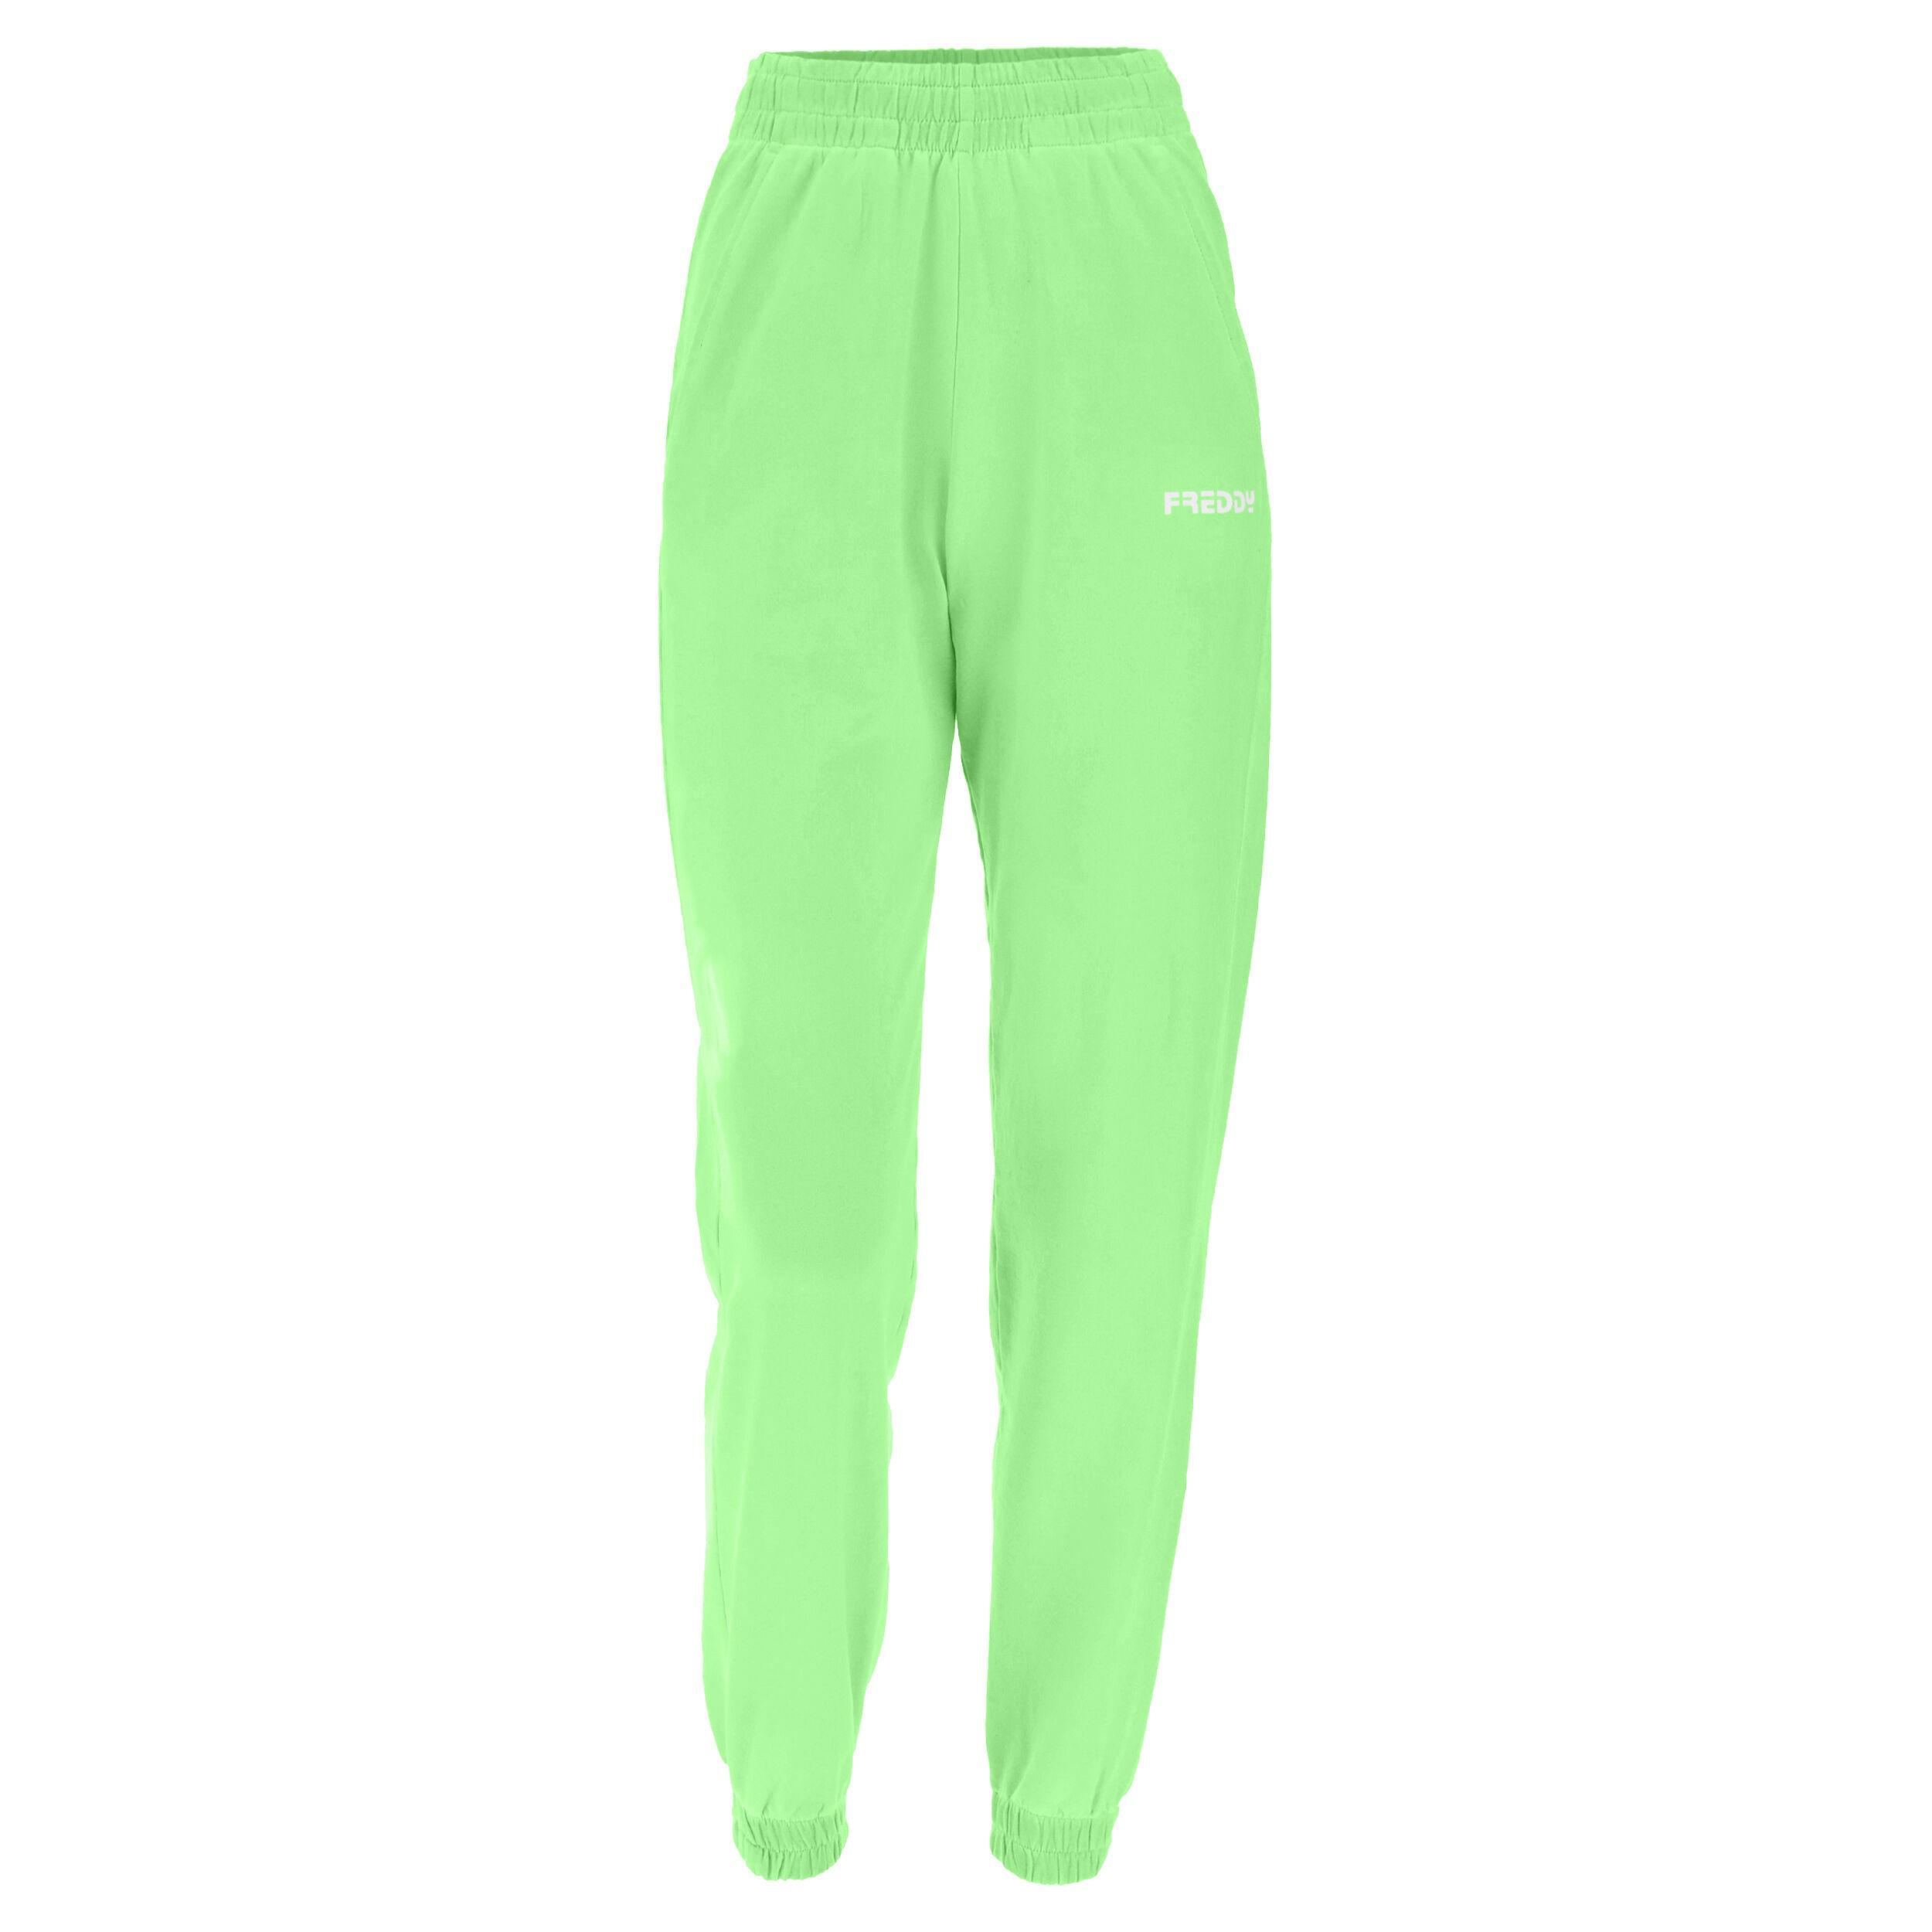 Freddy Pantaloni sportivi con elastico in colore fluo Fluo Green Pigment Dyed